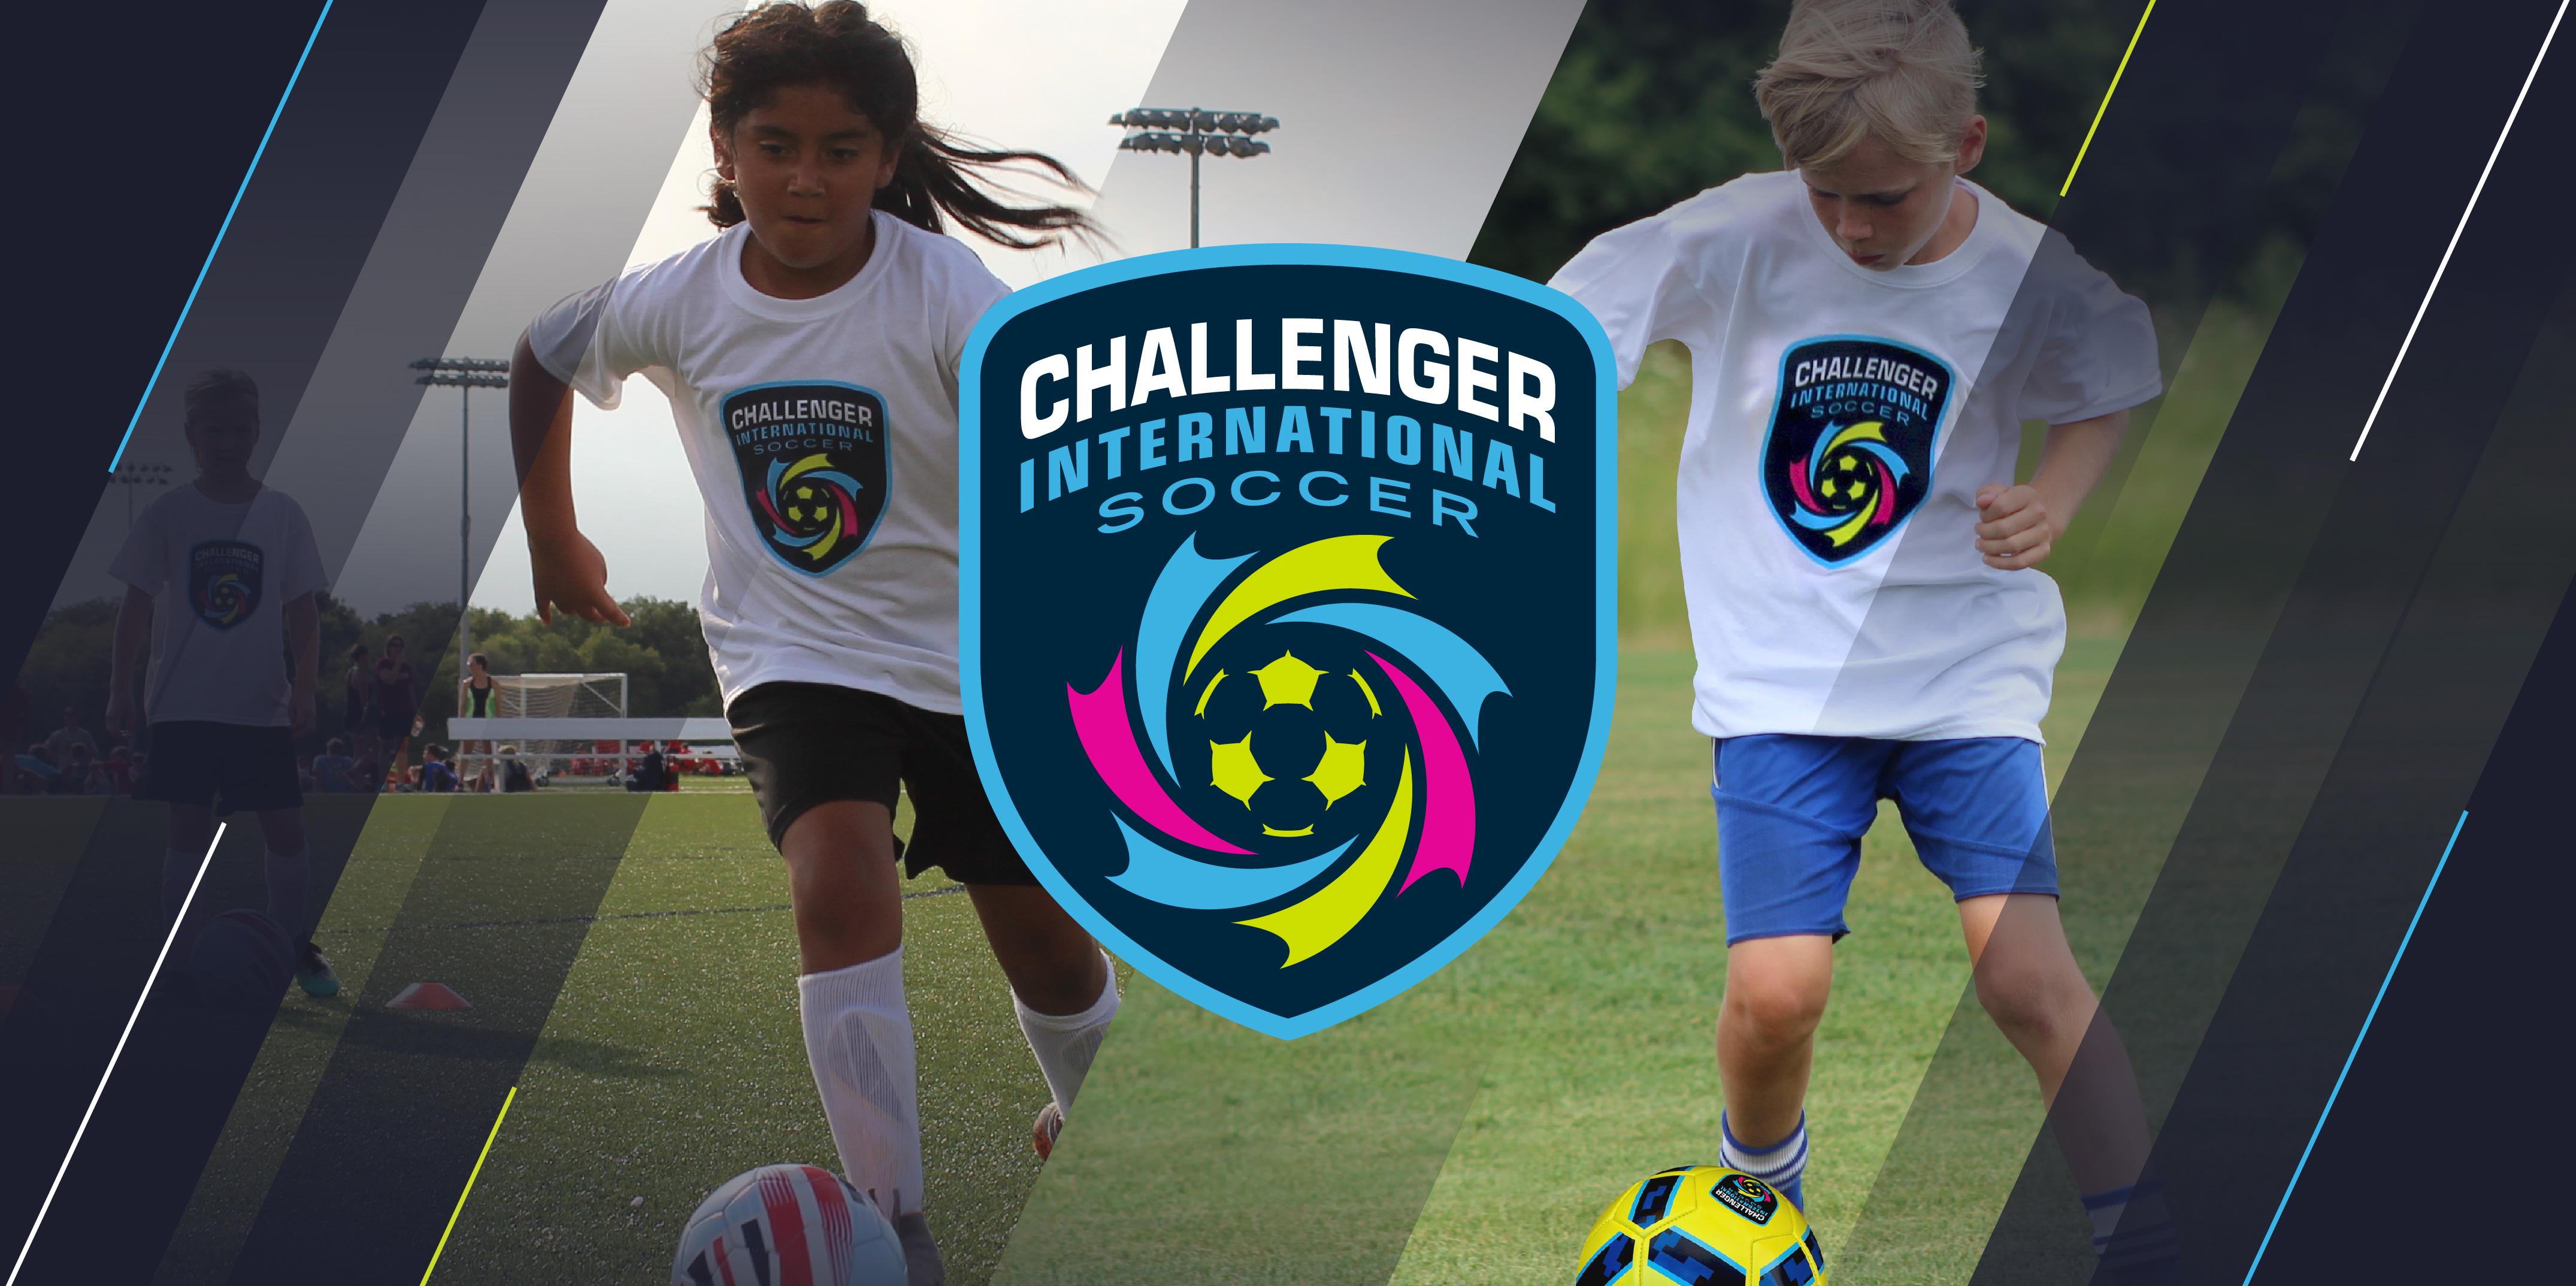 Challenger International Soccer Banner